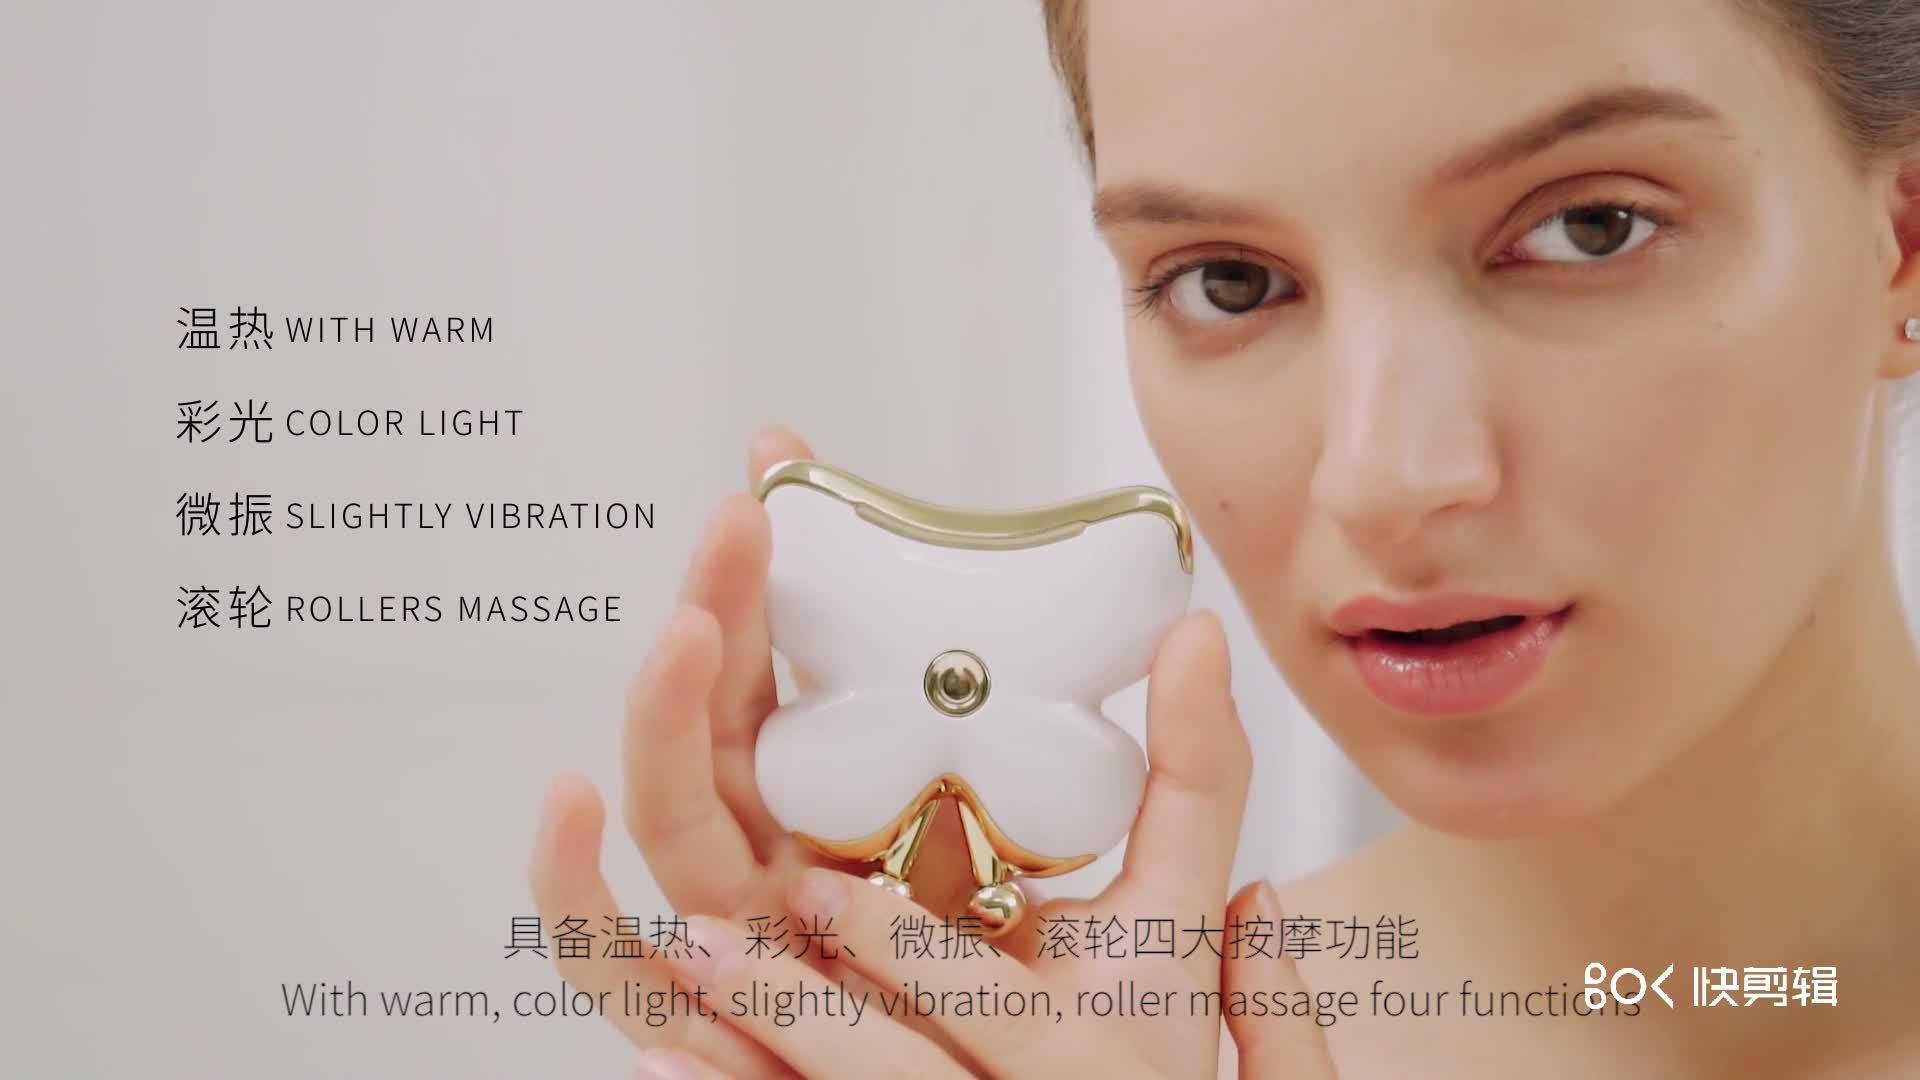 פנים מייקר להדק מיצוק קולי מתיחת הפנים מכשירי מכשירי יופי יופי מכונות